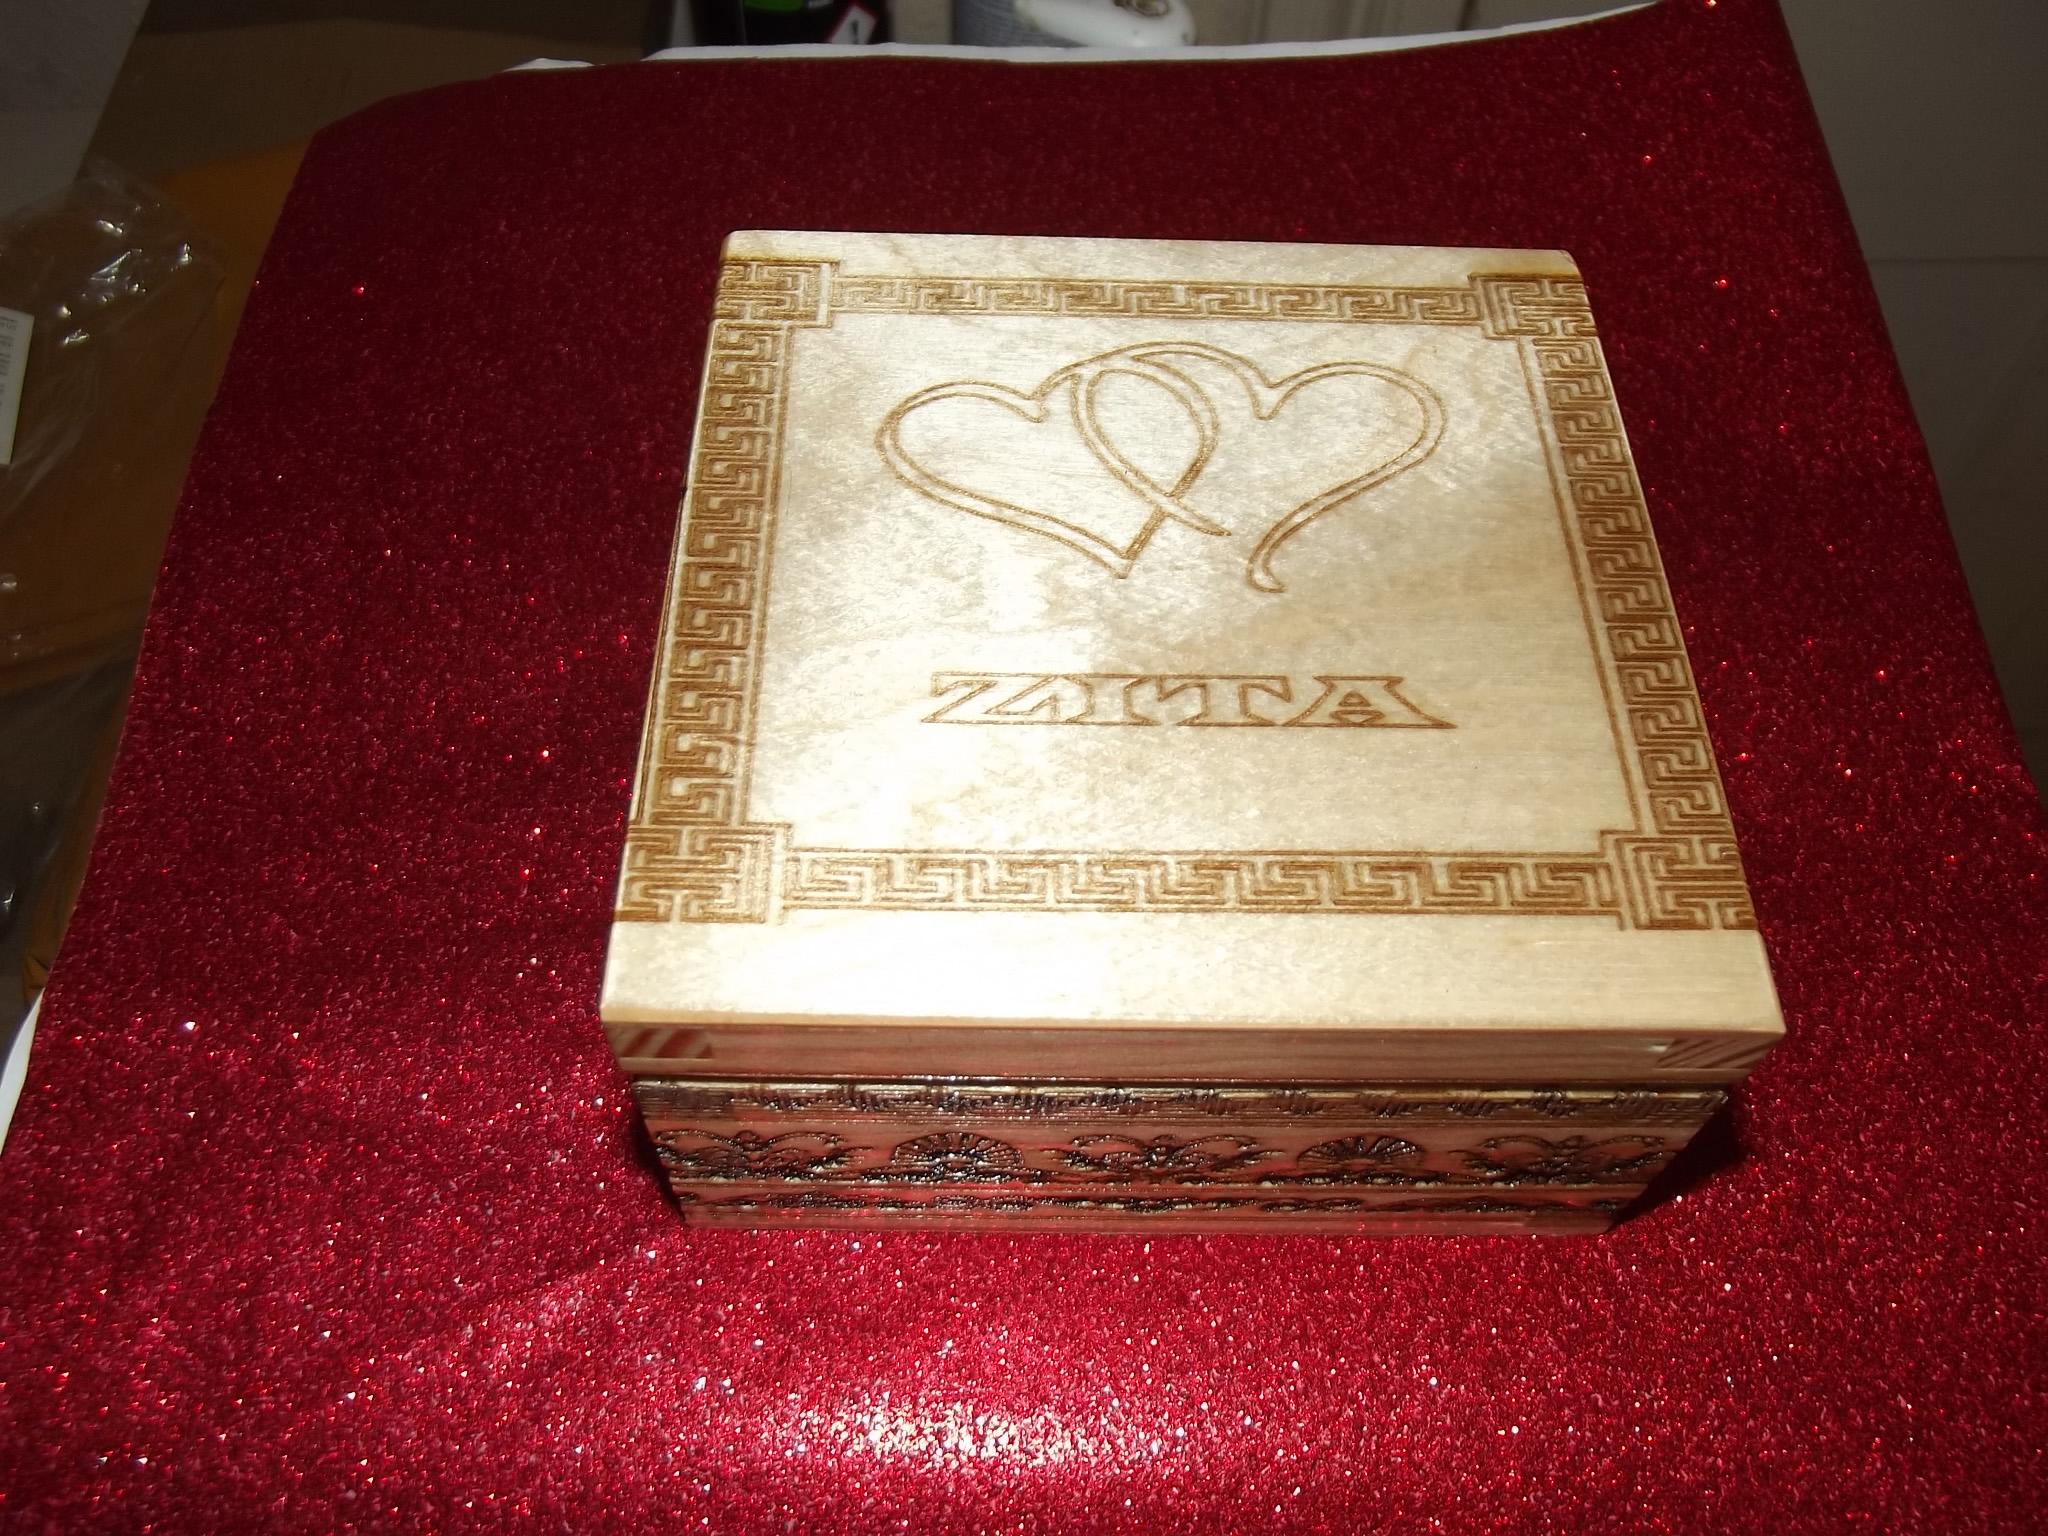 2_1550402453454_zitas jewlery box-2.jpg